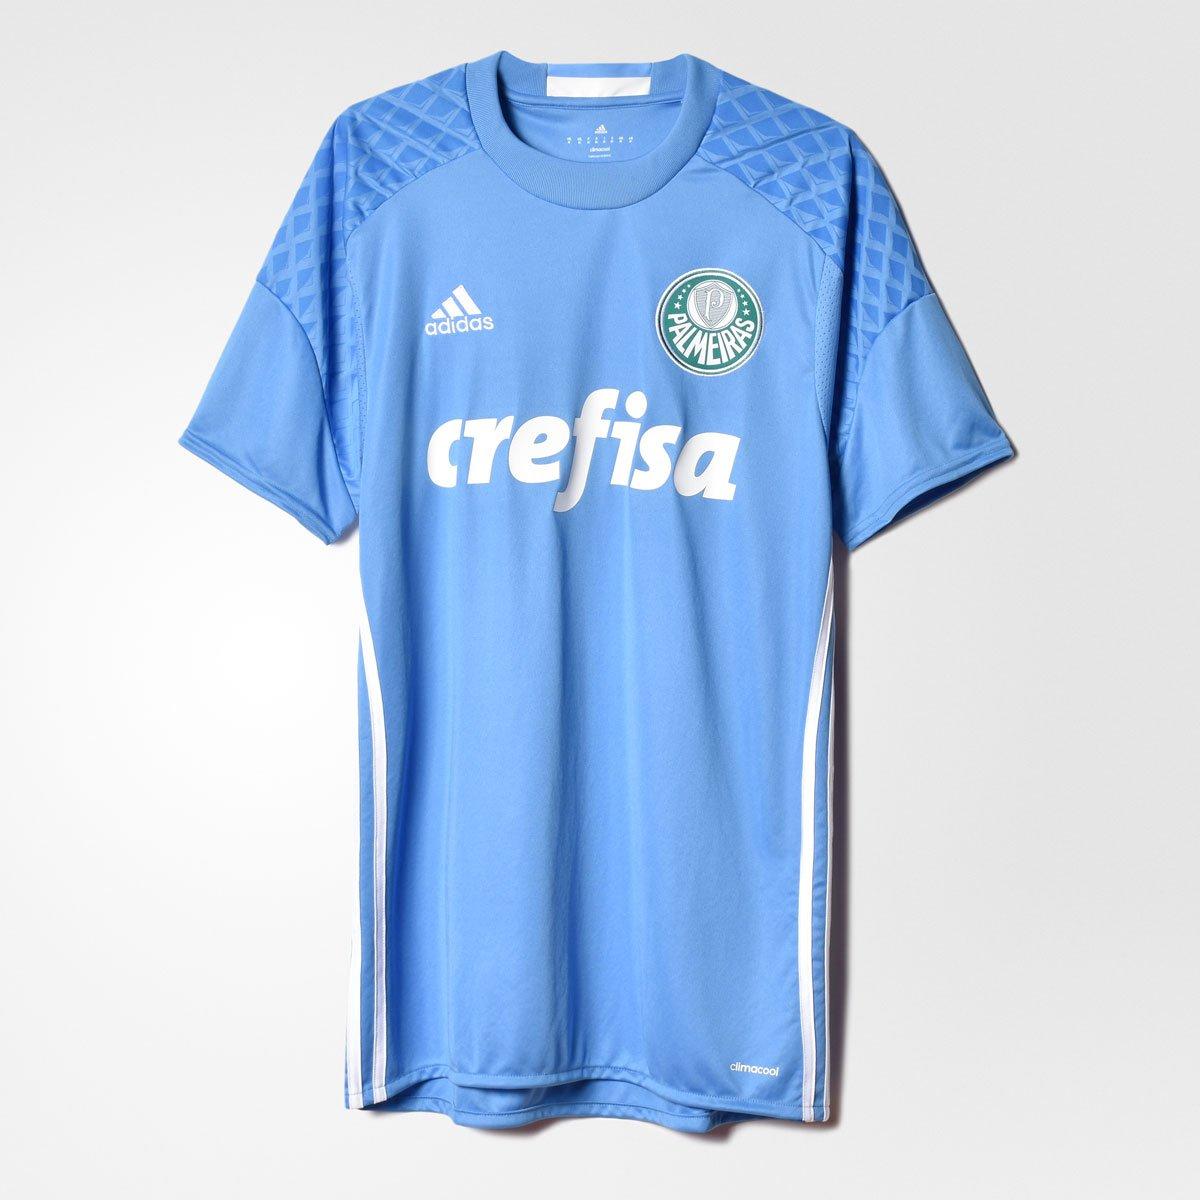 81c07d6d6e Camisa Palmeiras Goleiro 2016 s nº - Torcedor Adidas Masculina - Compre  Agora